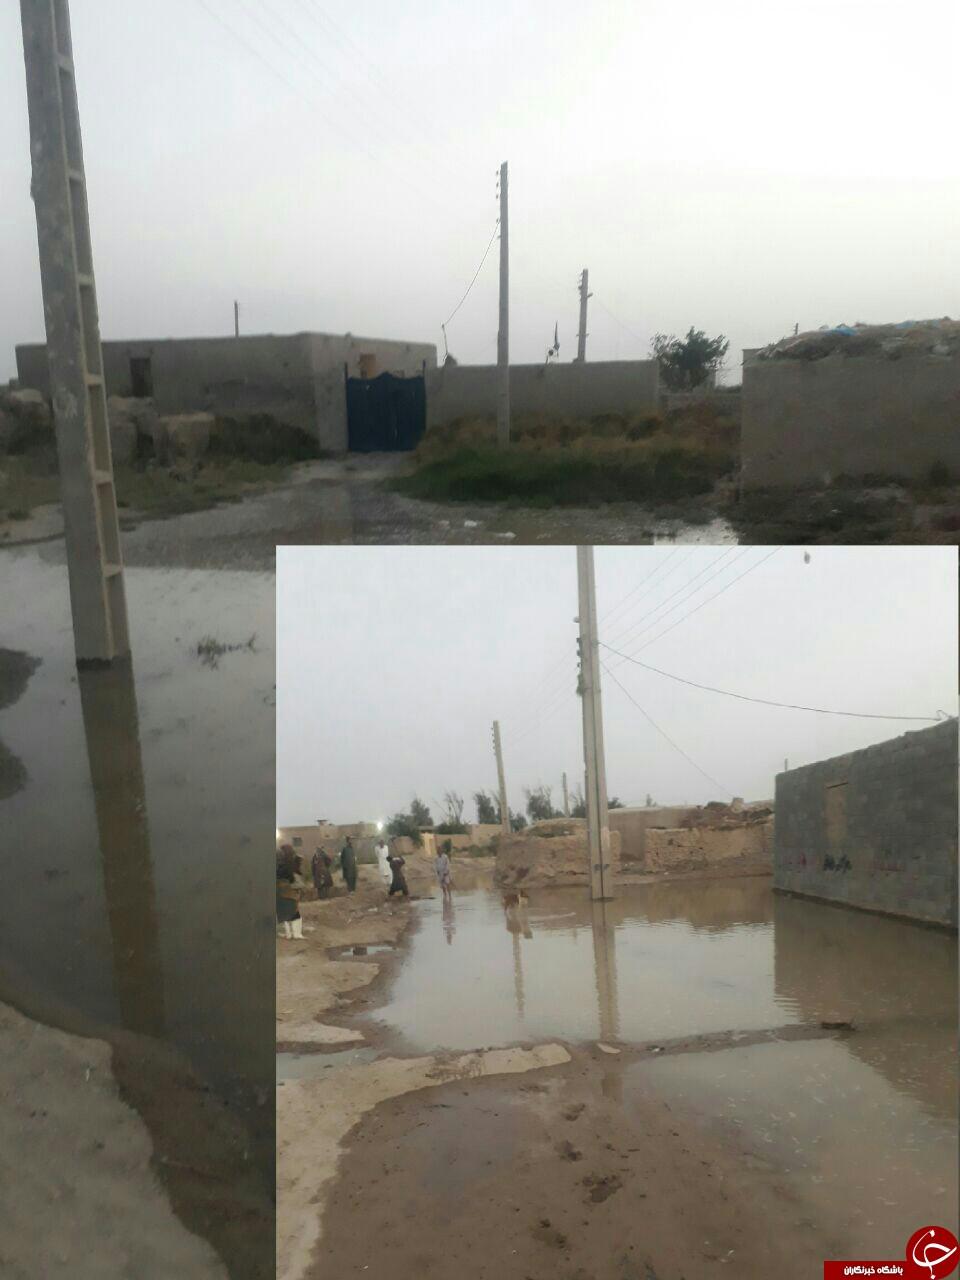 آخرین اخبار از مناطق سیل زده یکشنبه  یکم اردیبهشت ماه/ رئیس جمعیت هلال احمر: در سیلاب اخیر به ۴۵۰ هزار نفر امدادرسانی شد